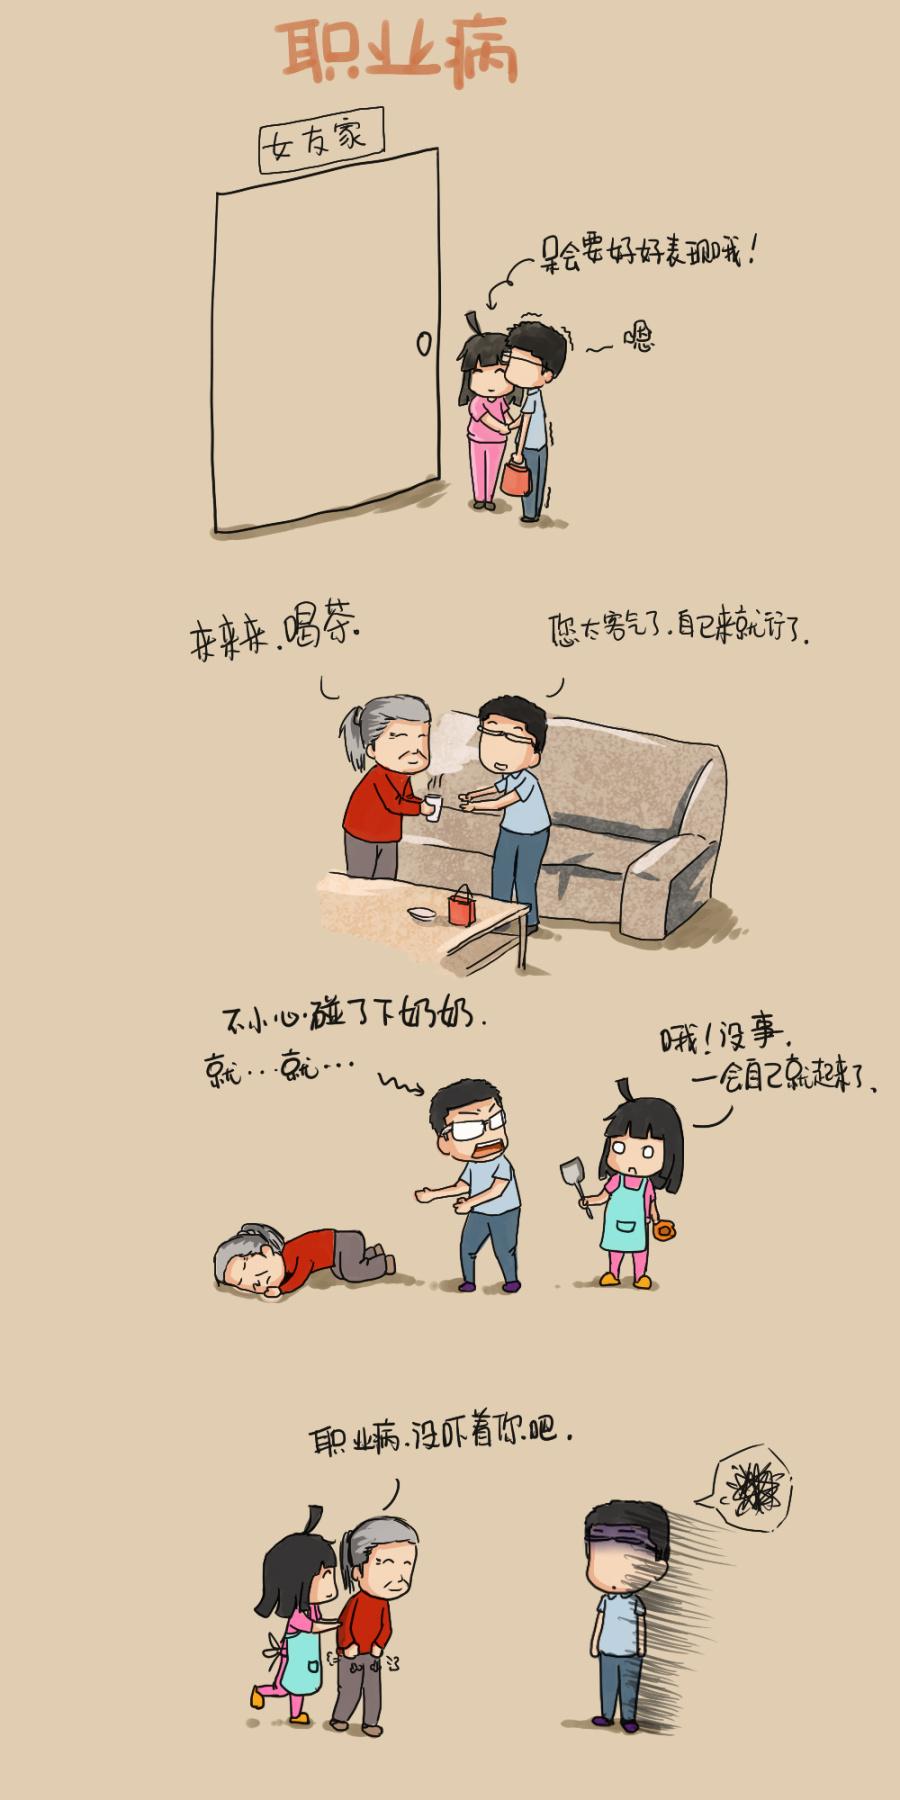 碰瓷那点事|短篇/四格动漫|漫画|漫画文兄-原创QQ萌泡泡图片